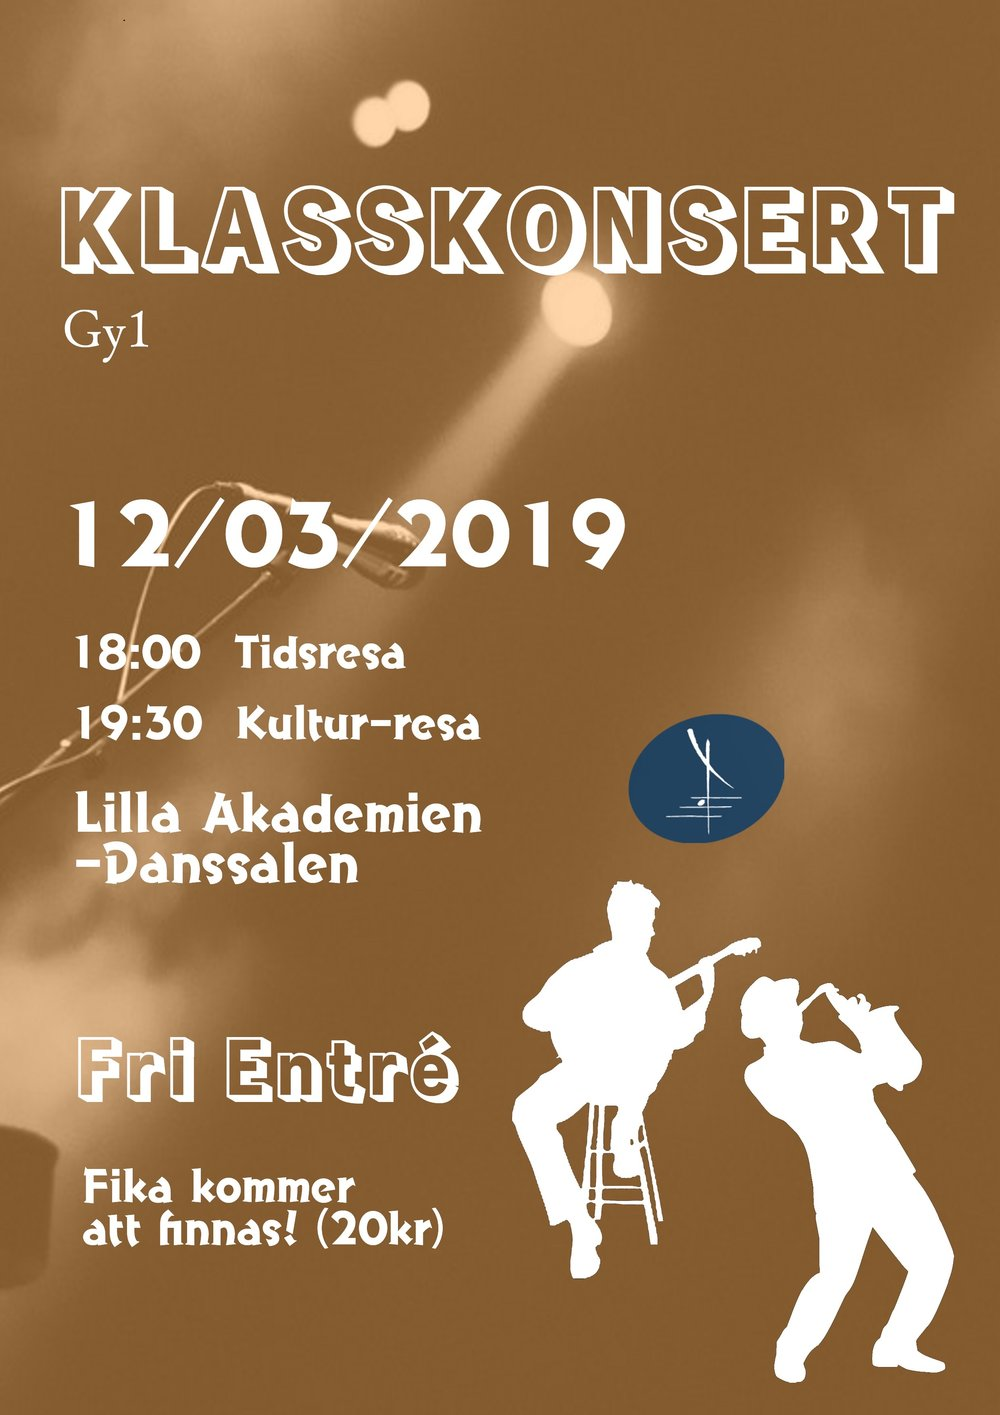 Affisch klasskonsert Gy 1 12 mars.jpg